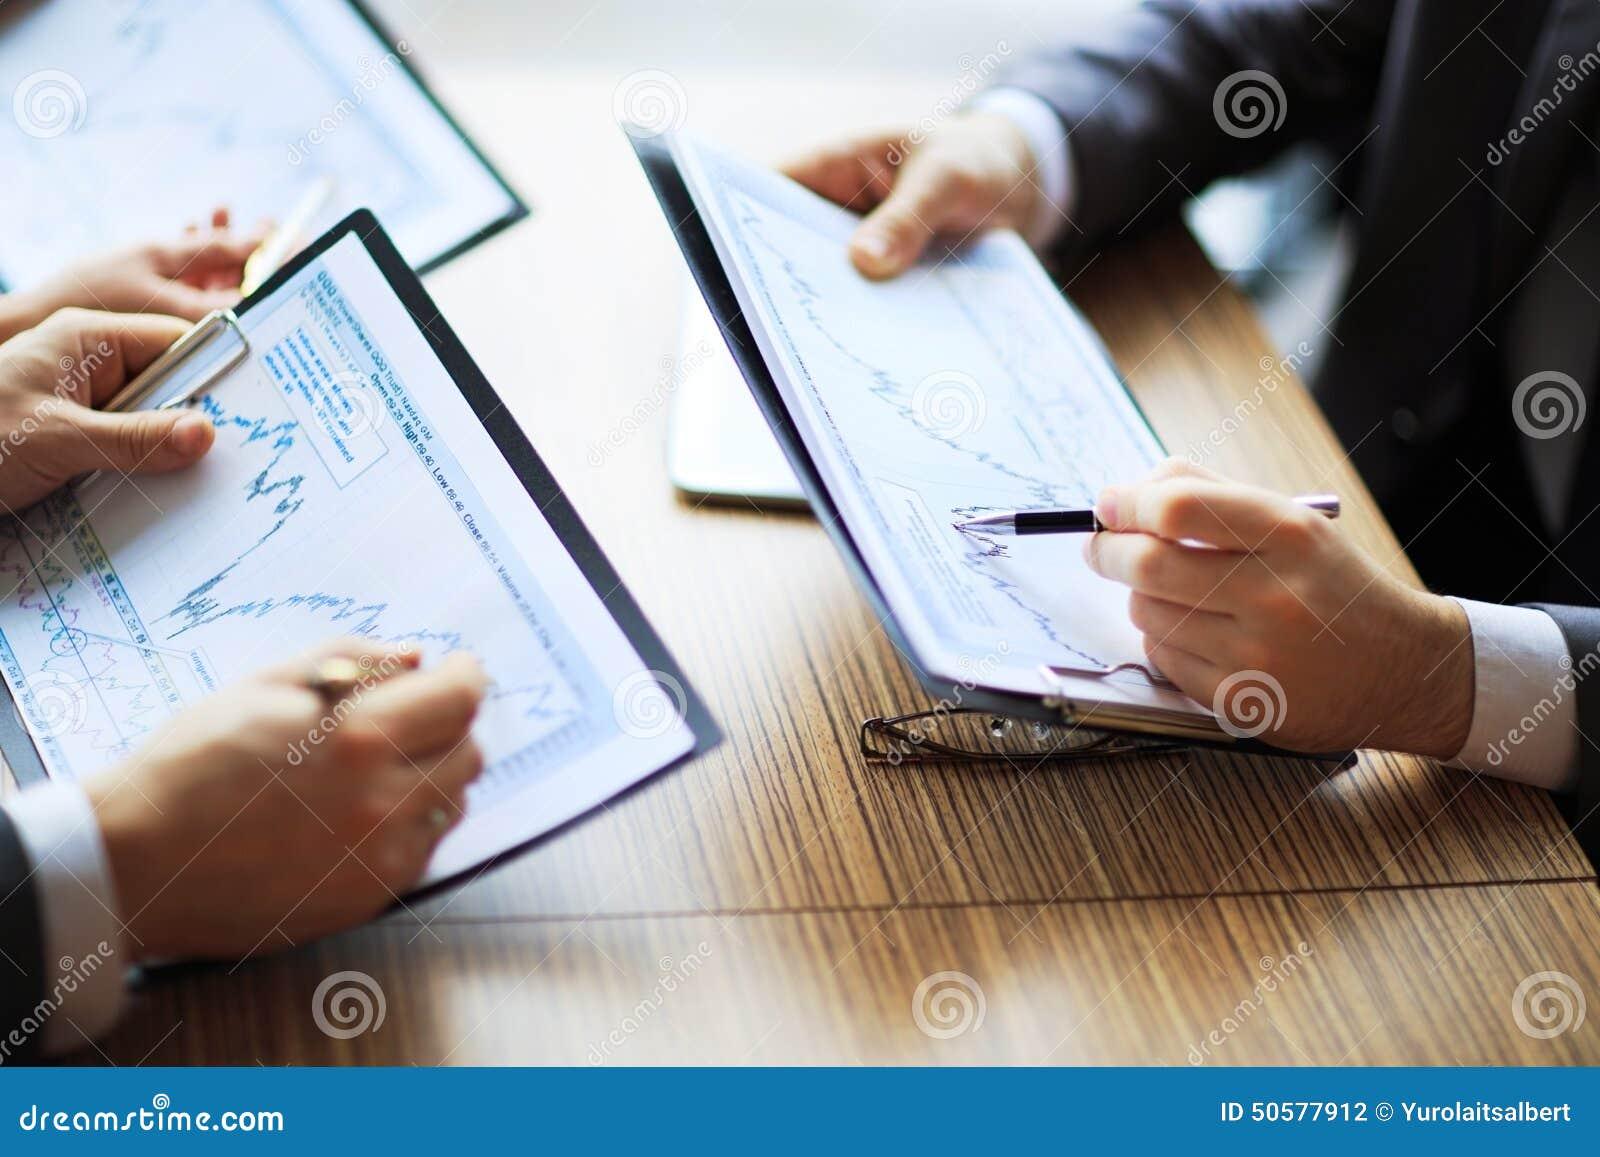 Activit bancaire ou diagrammes de comptabilit de bureau for Activite de bureau